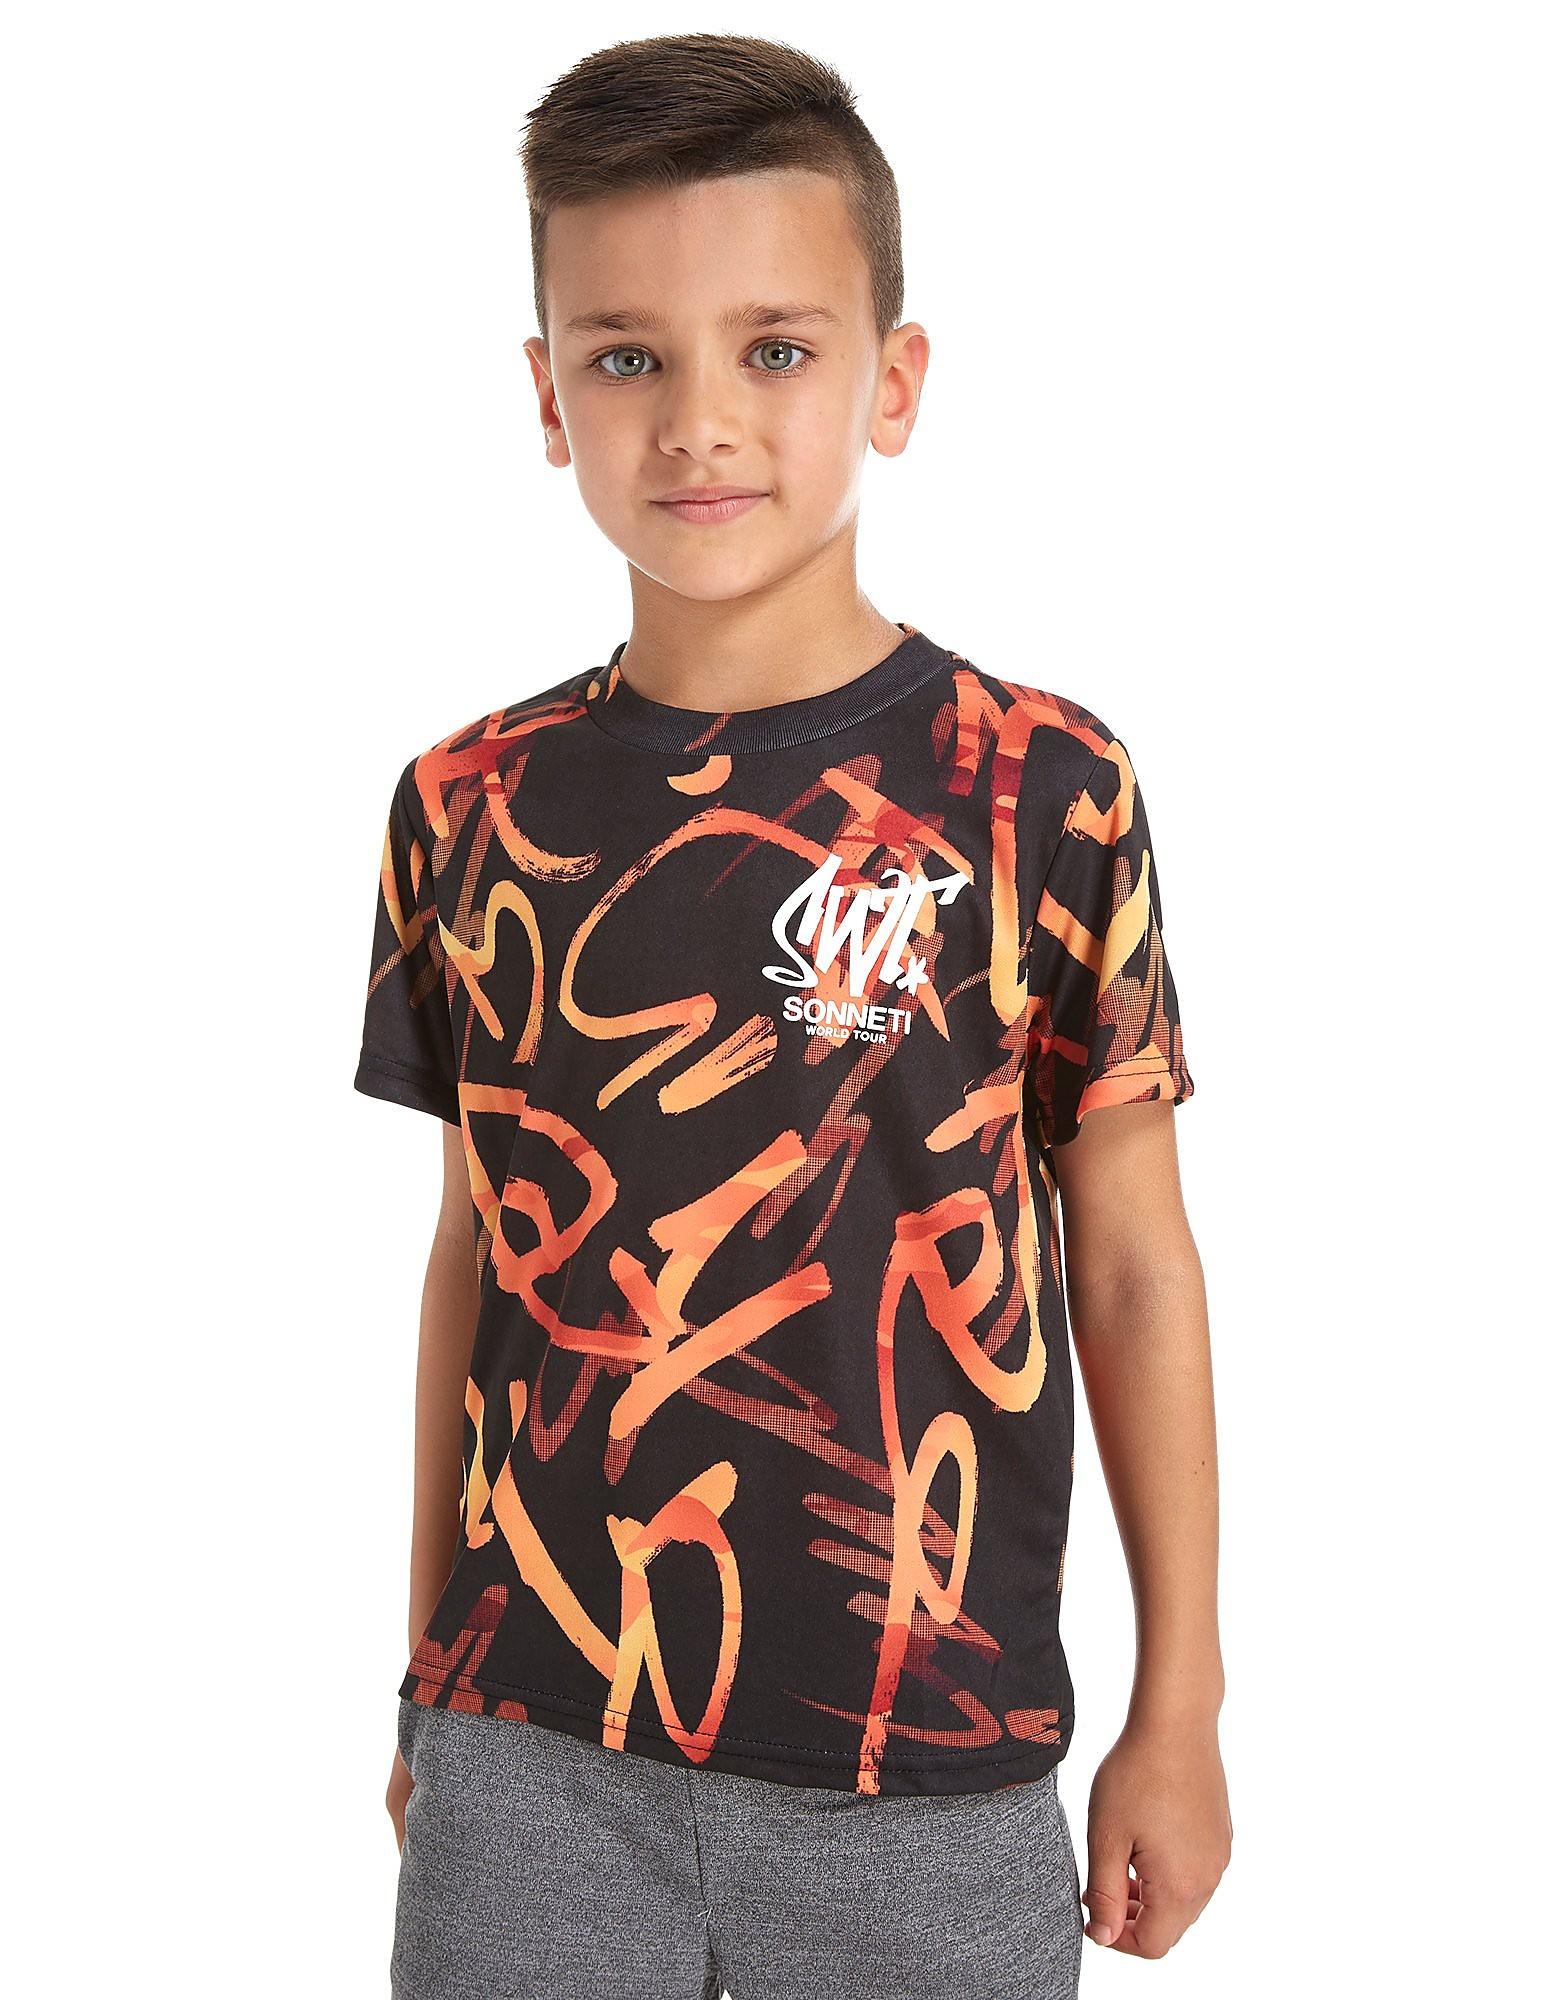 Sonneti Dimil T-Shirt Children